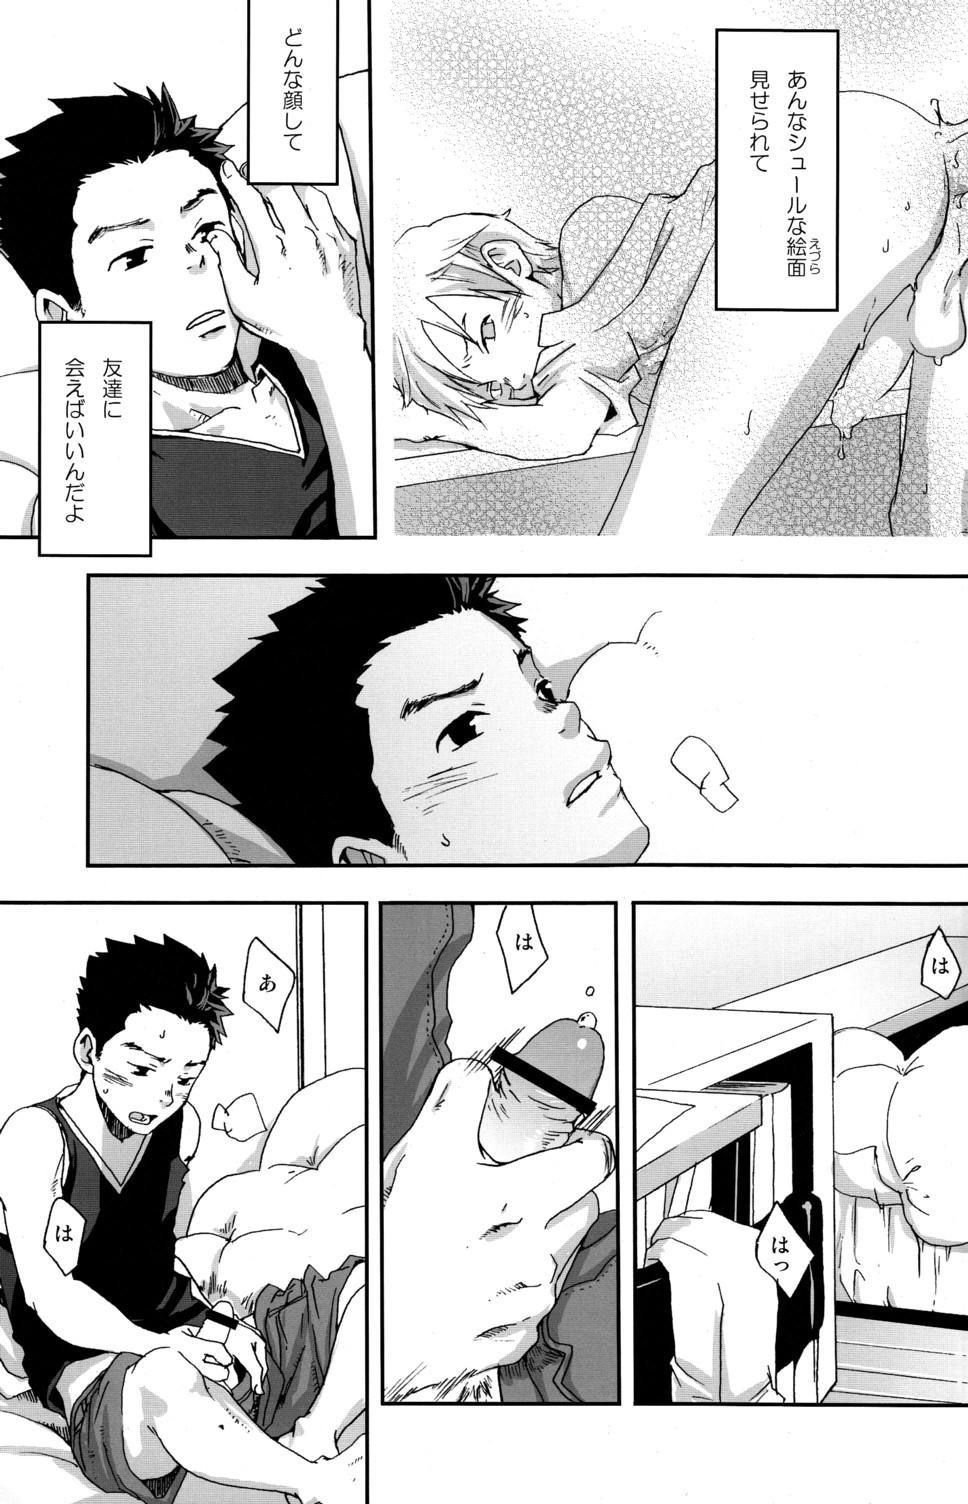 (C78) [Box (Tsukumo Gou)] 【19号(つくも号)】そう言って君は笑うSou Itte Kimi wa Warau 14